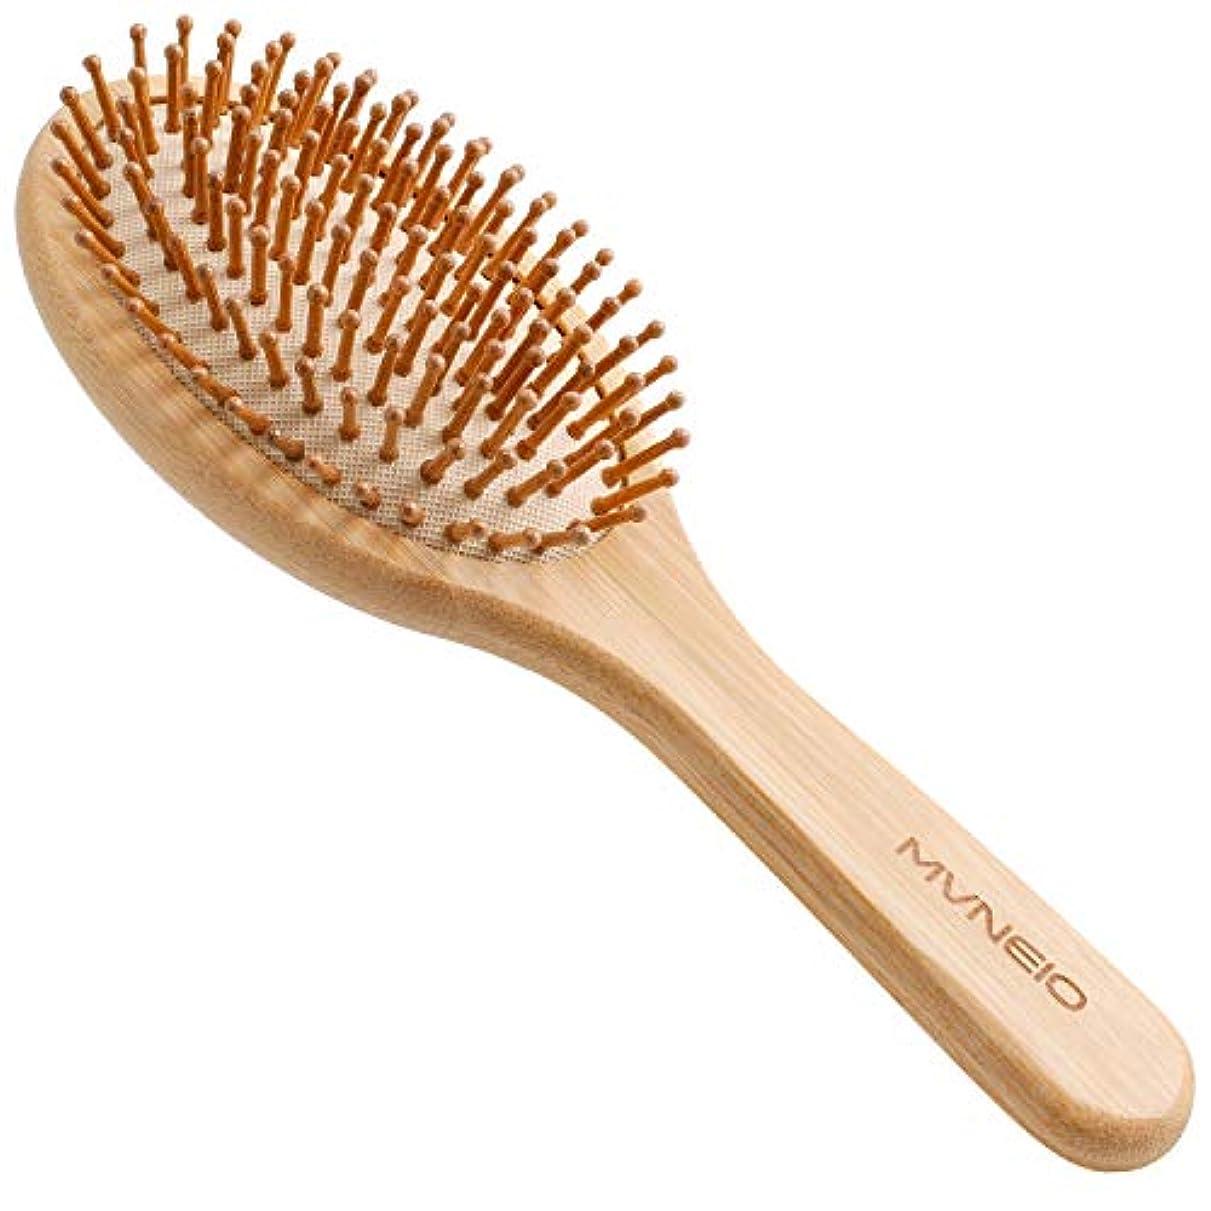 ロンドンドライブ番目ヘアブラシ 竹製櫛 くし ヘアケア 頭皮マッサージ 静電気防止 パドルブラシ 美髪ケア 頭皮に優しい メンズ レディースに適用